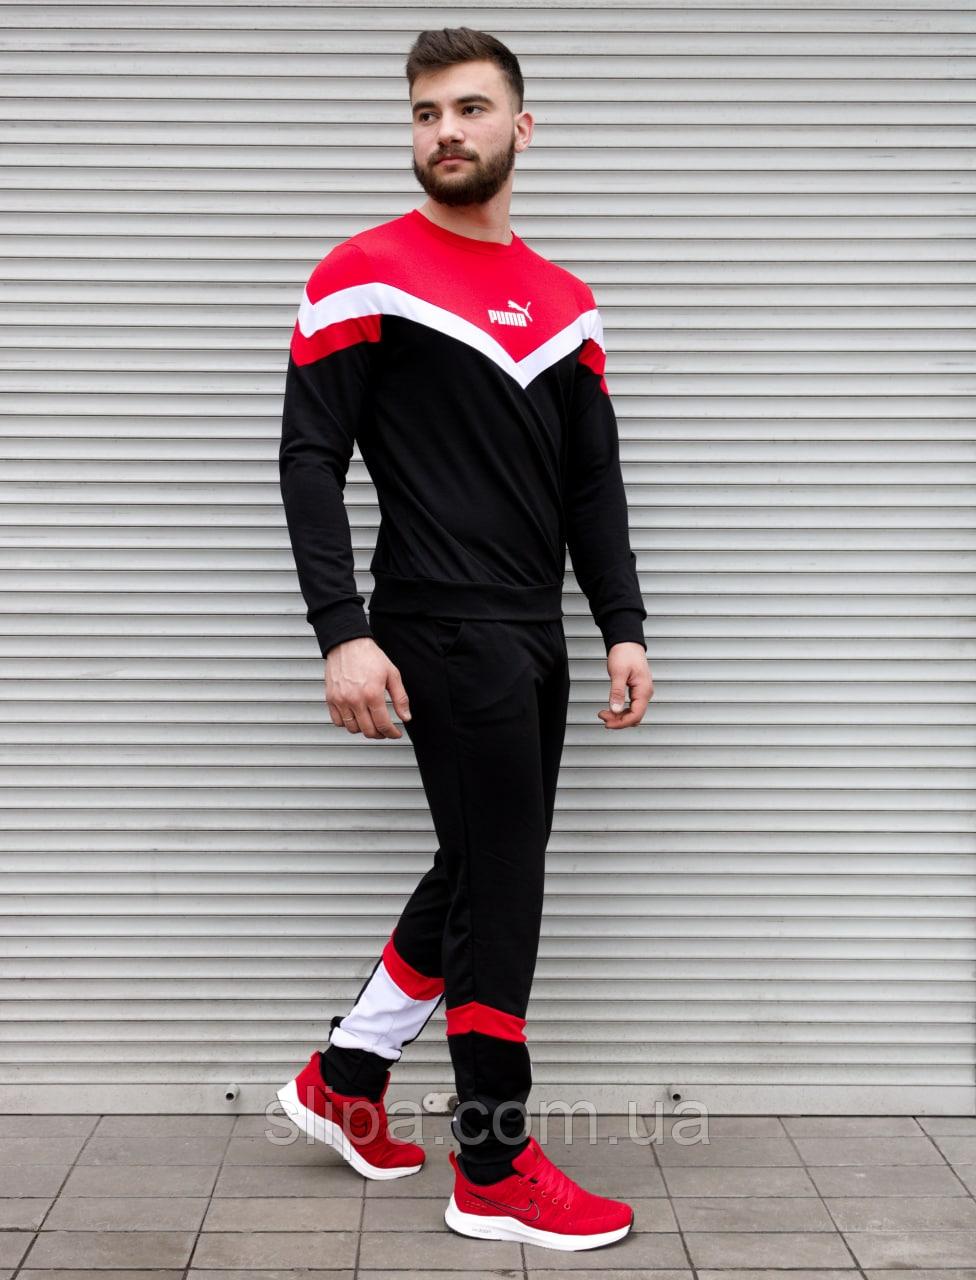 Чёрный спортивный костюм Puma с красными вставками   двухнить   свитшот и штаны